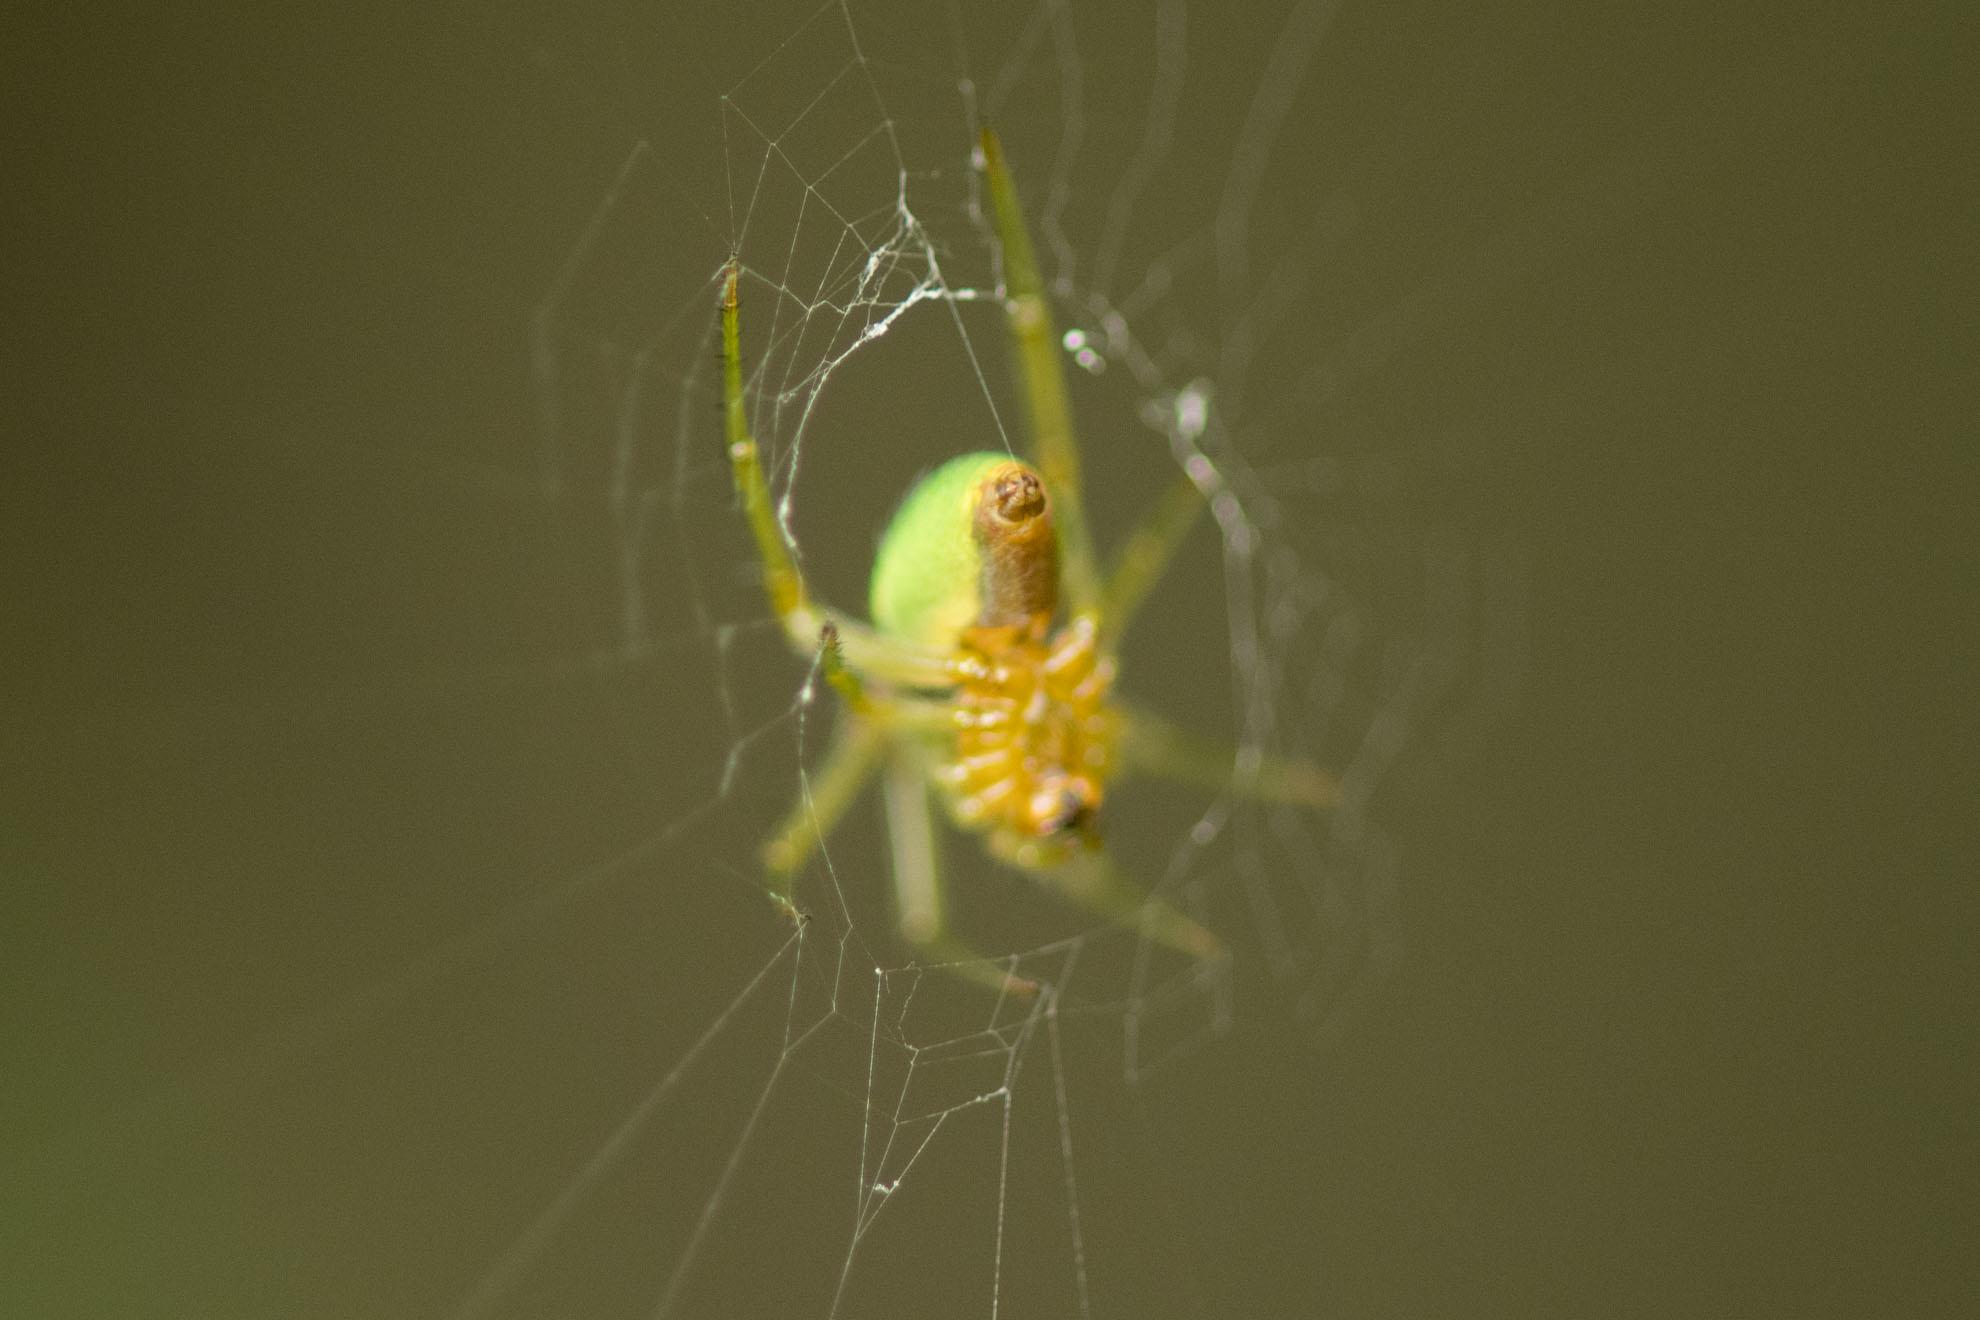 緑色の蜘蛛のサツマノミノダマシ